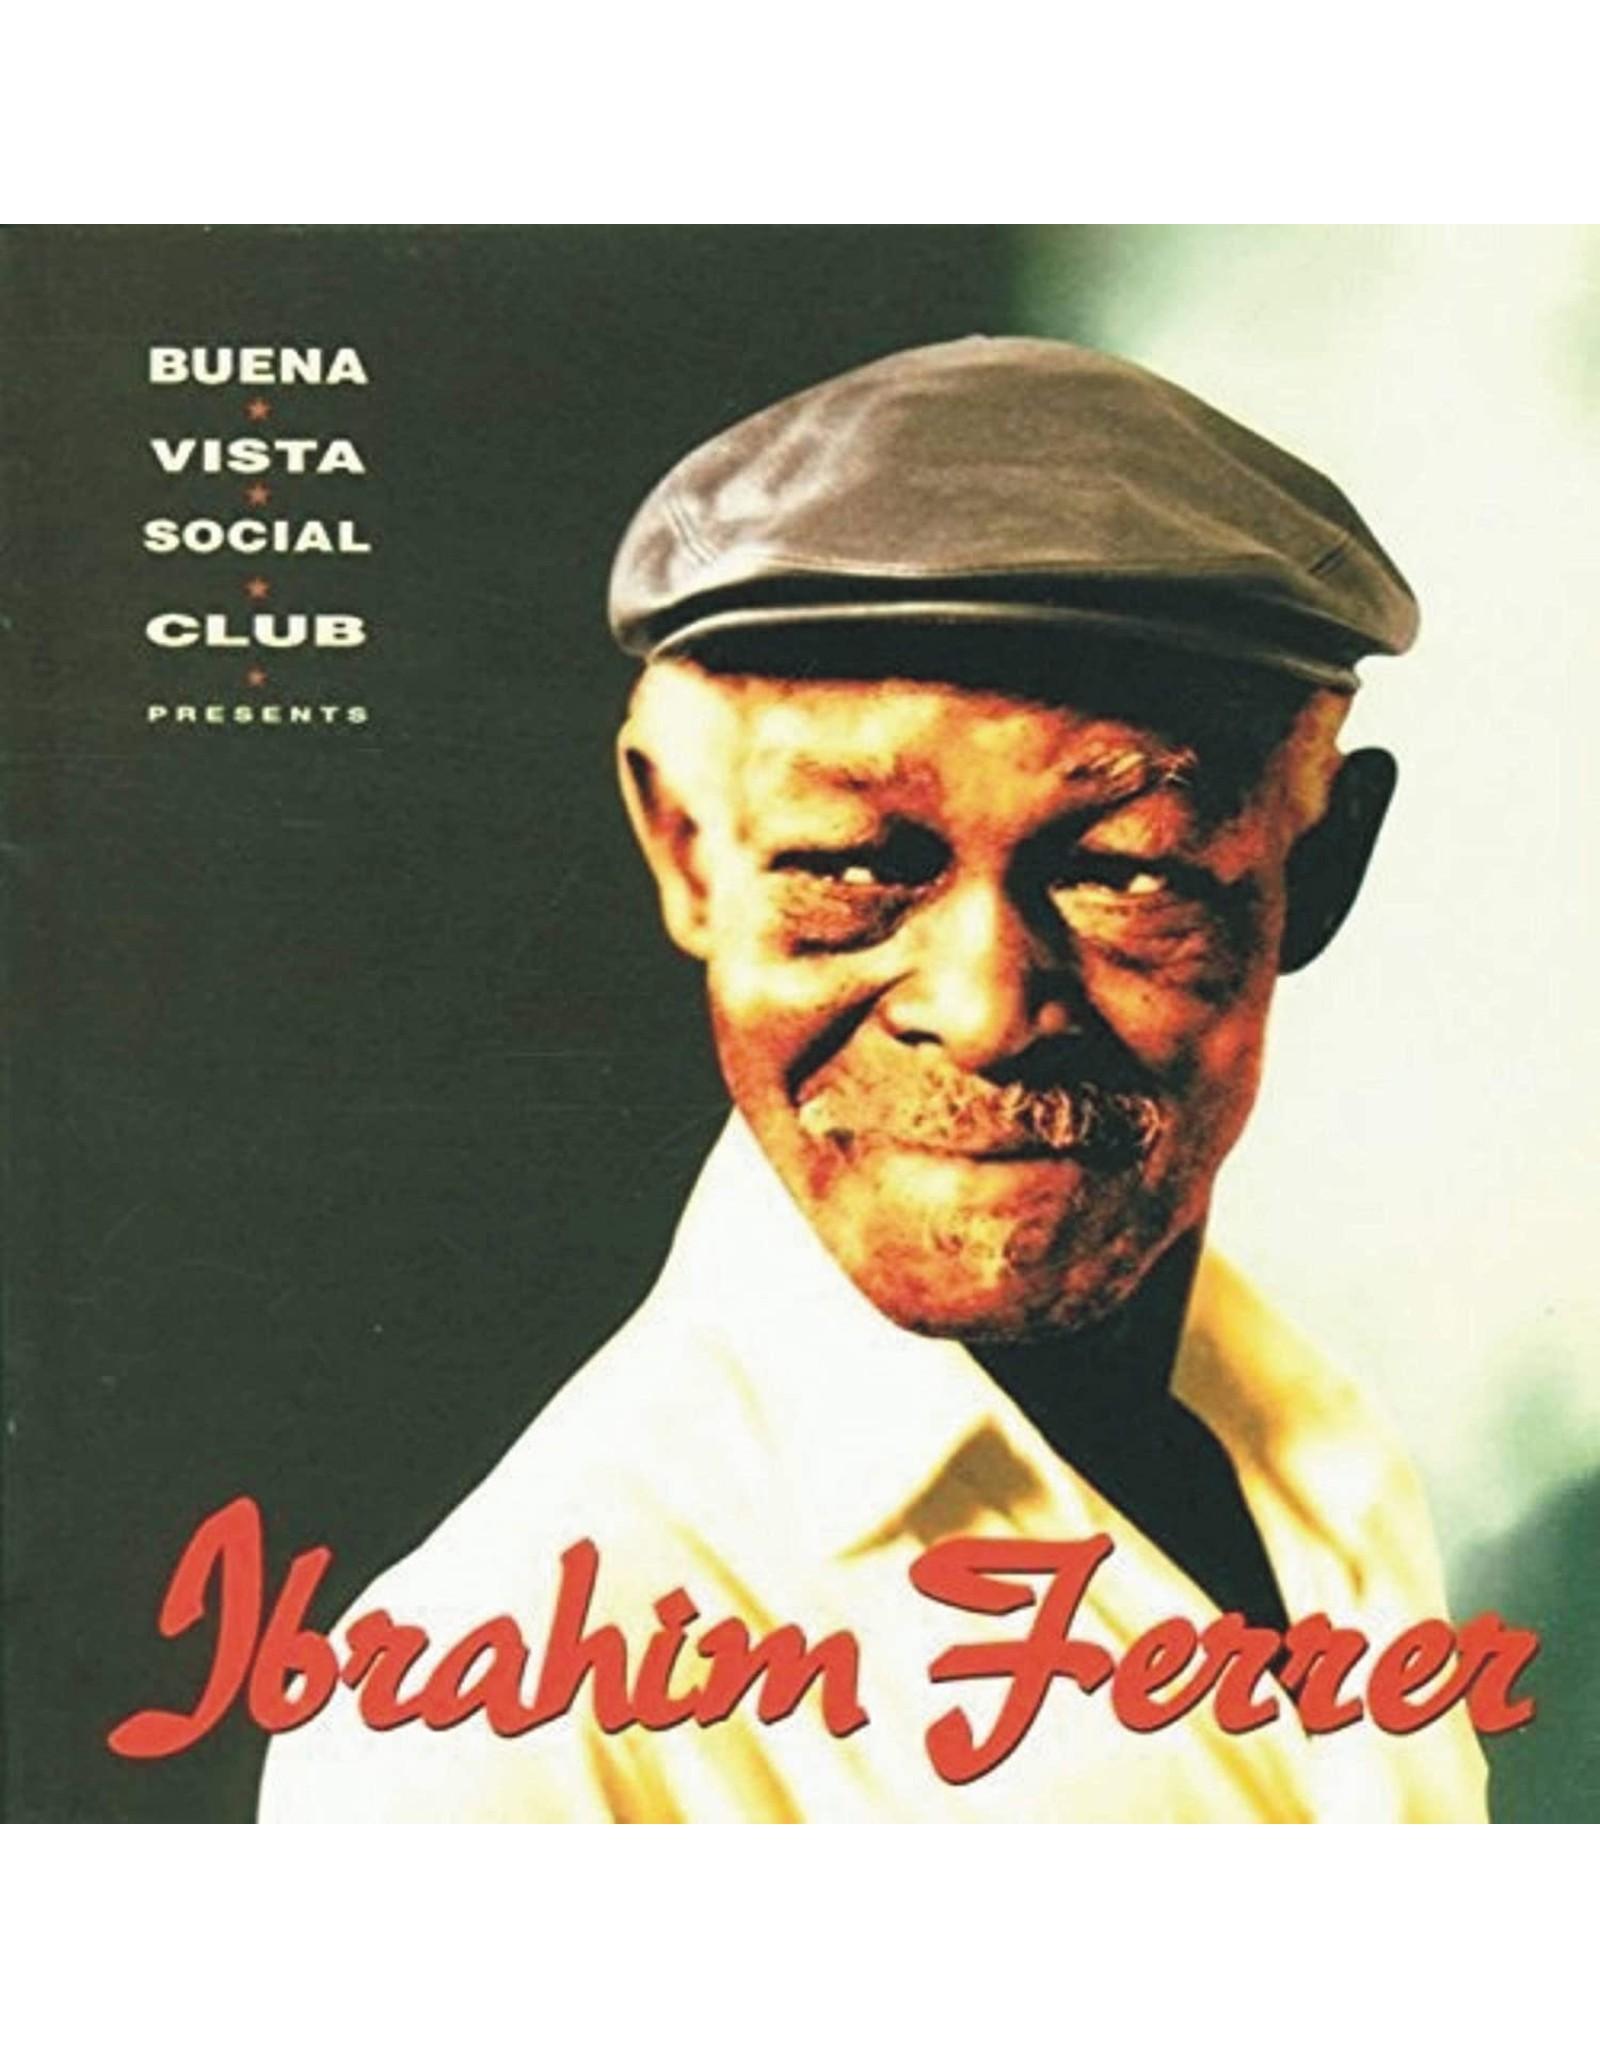 New Vinyl Buena Vista Social Club Presents - Ibrahim Ferrer 2LP